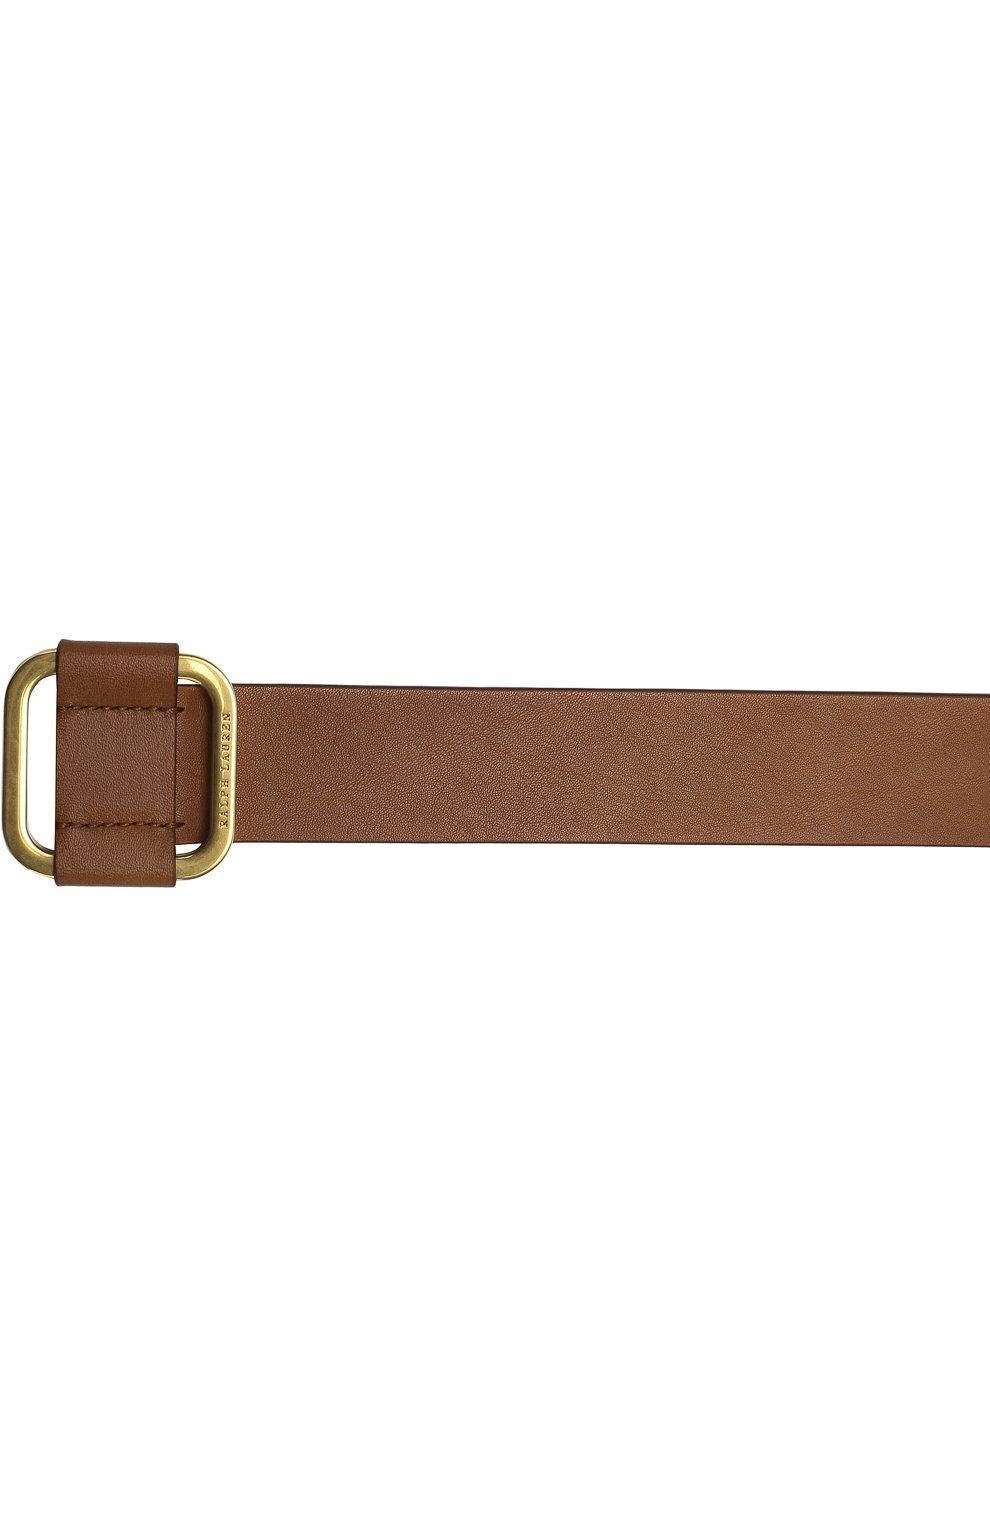 Мужской кожаный ремень с металлической пряжкой RALPH LAUREN коричневого цвета, арт. 404692769   Фото 3